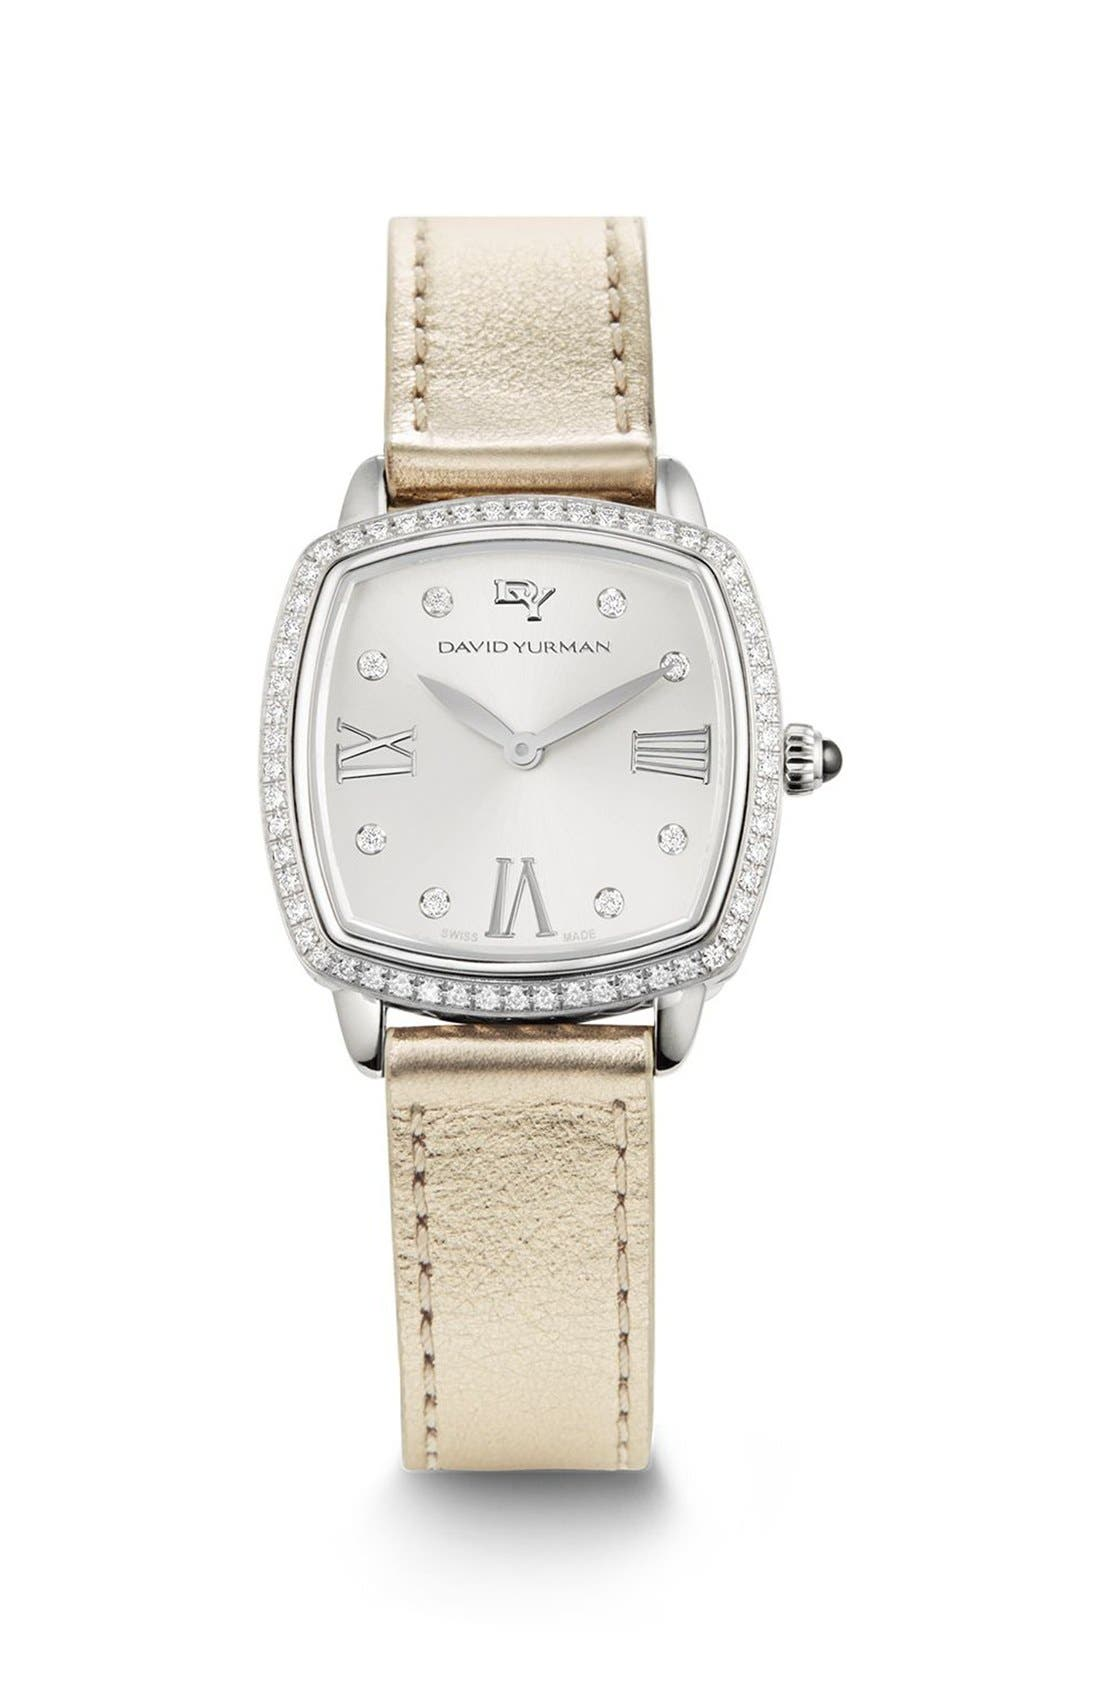 David Yurman 'Albion' 27mm Swiss Quartz Watch with Diamonds